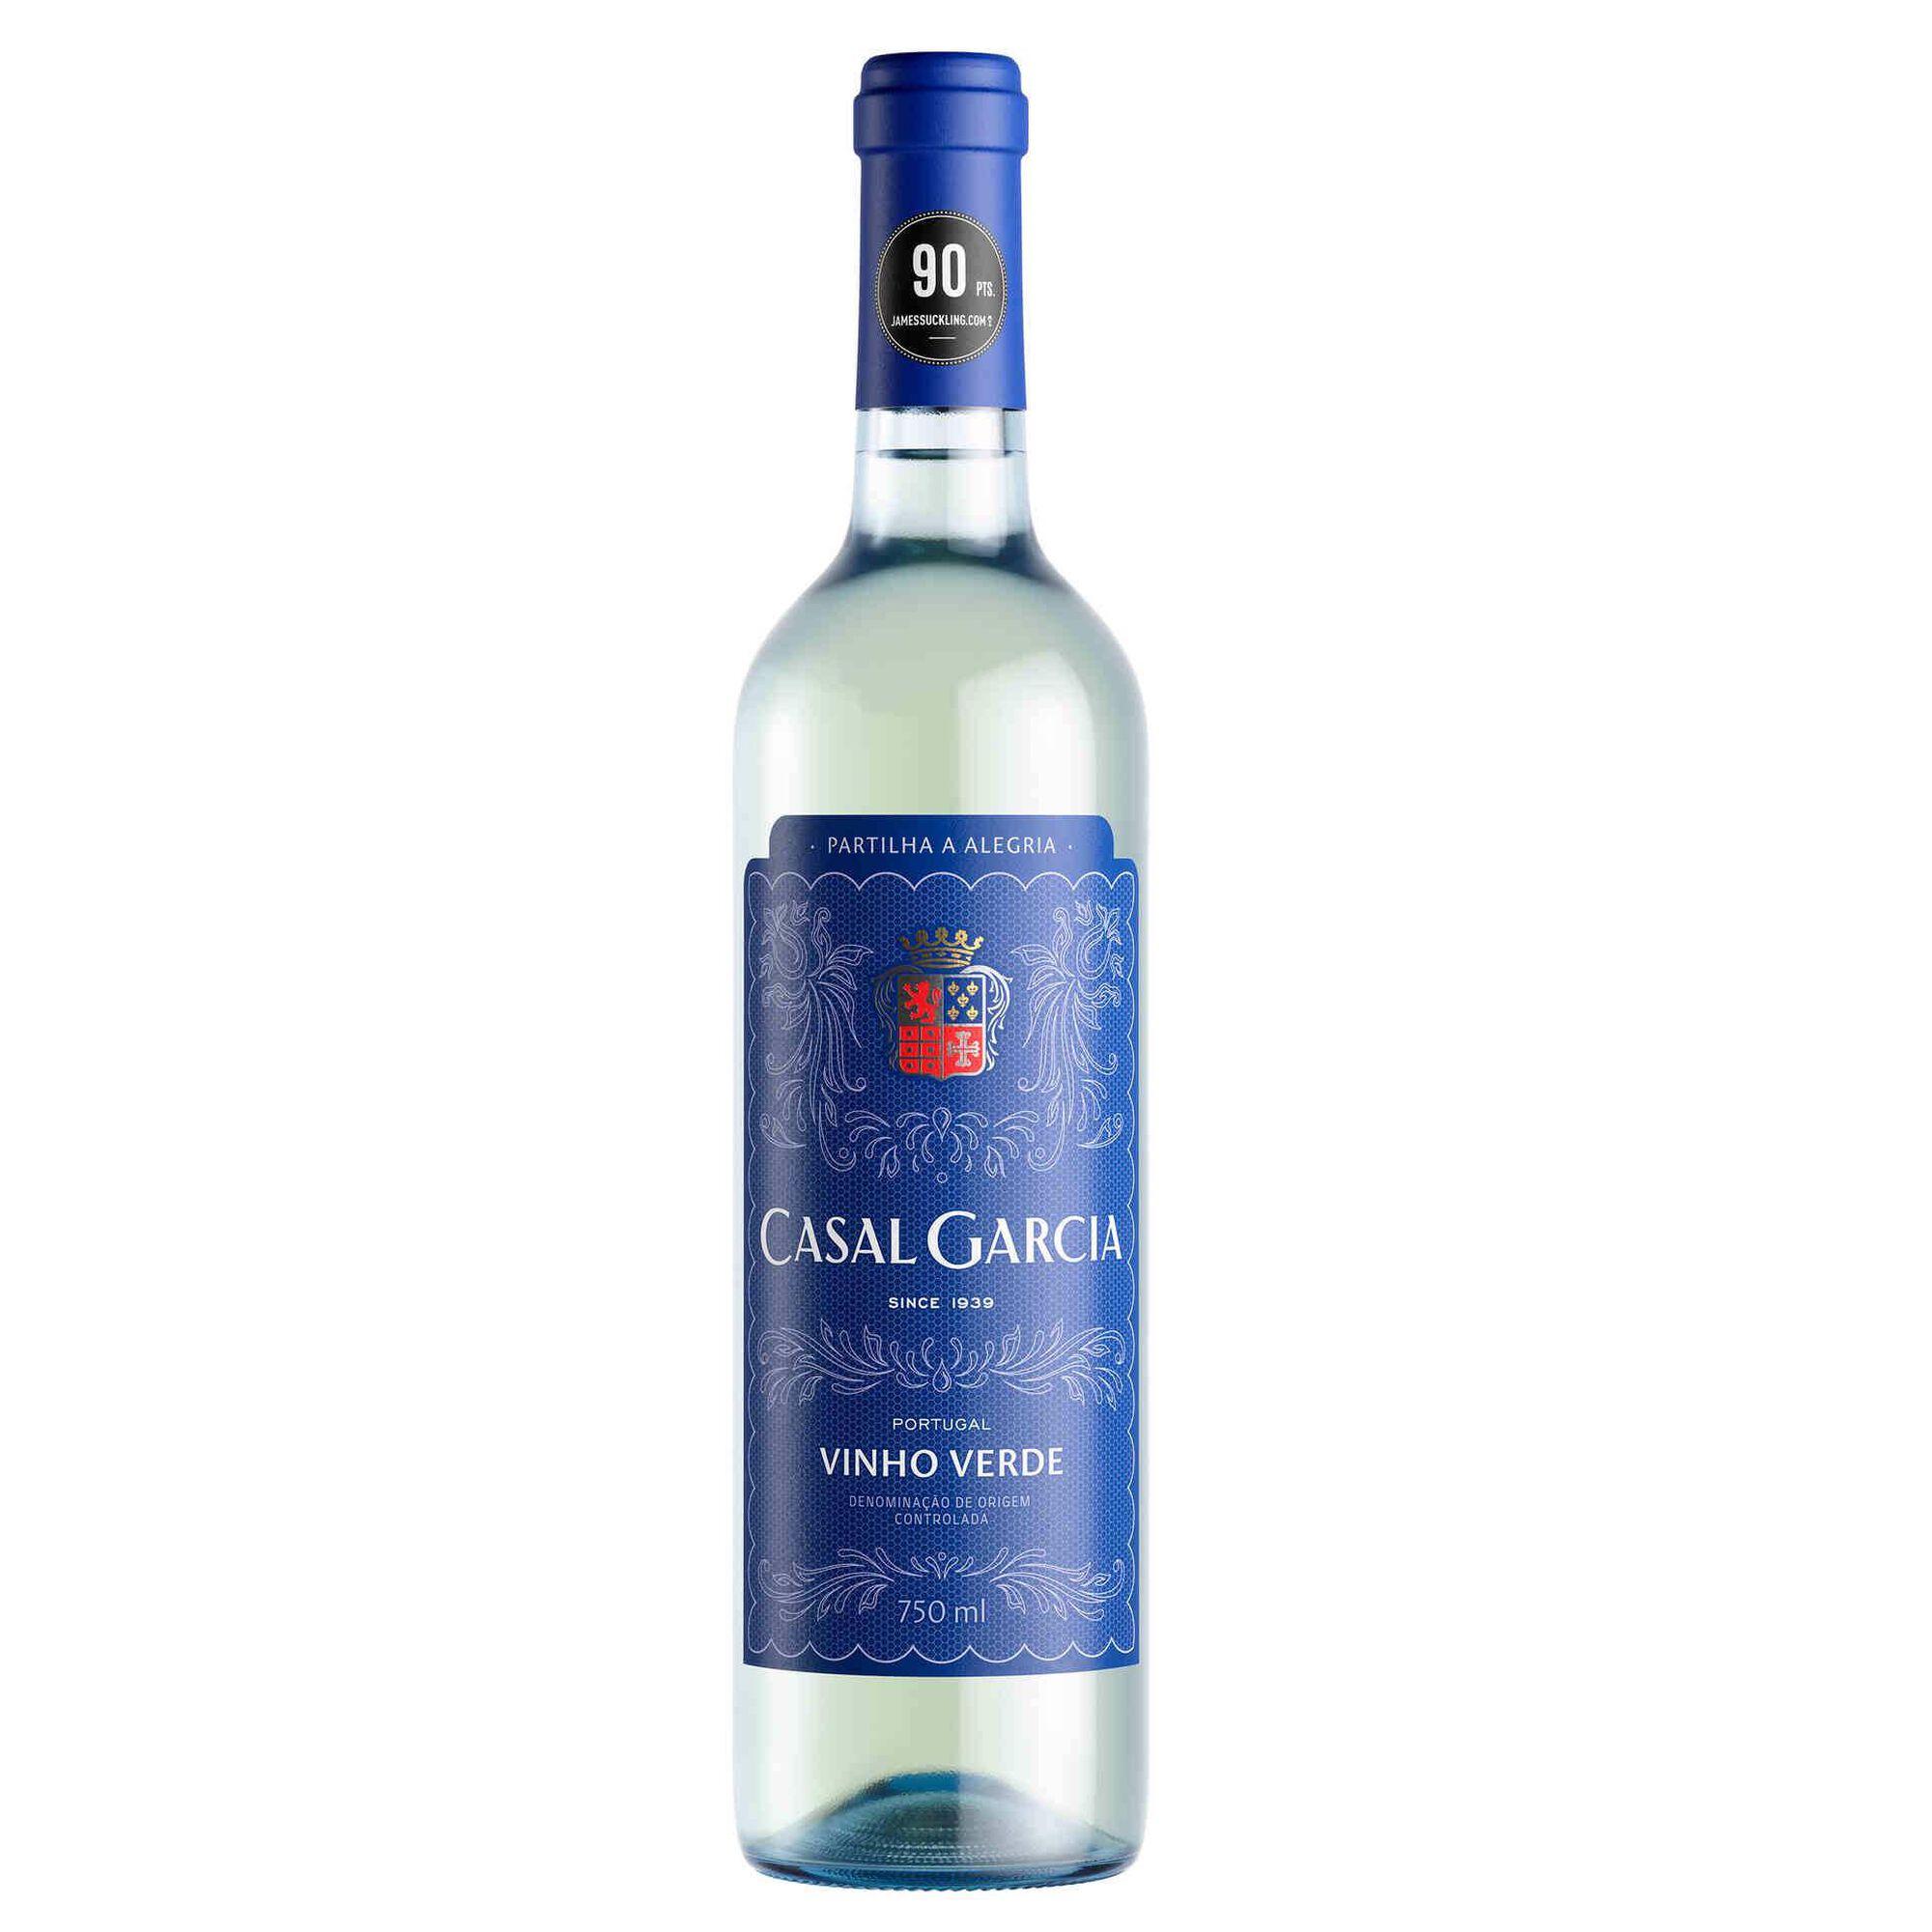 Casal Garcia DOC Vinho Verde Branco